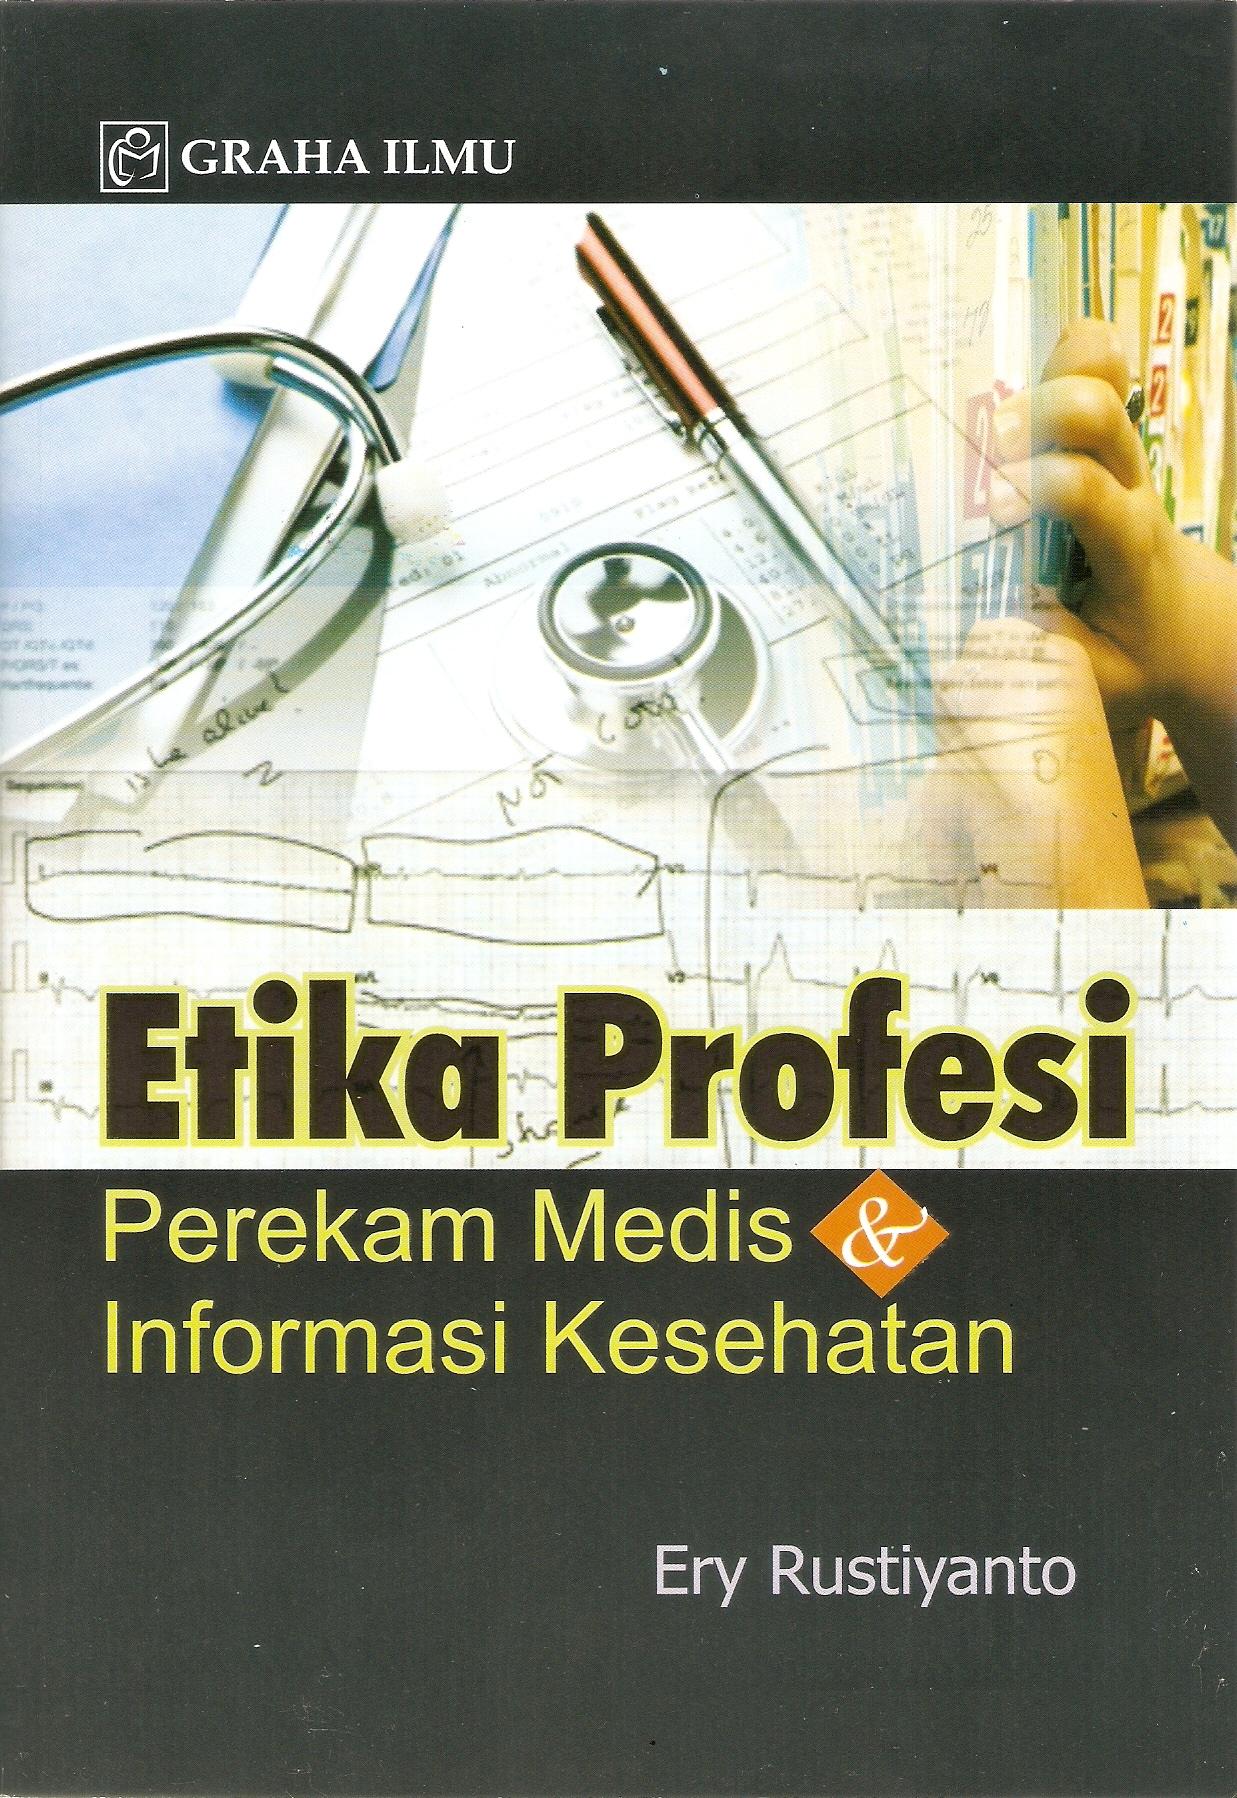 Jan 13, 2012 in Buku Kesehatan , Rekam Medis dan Informasi Kesehatan